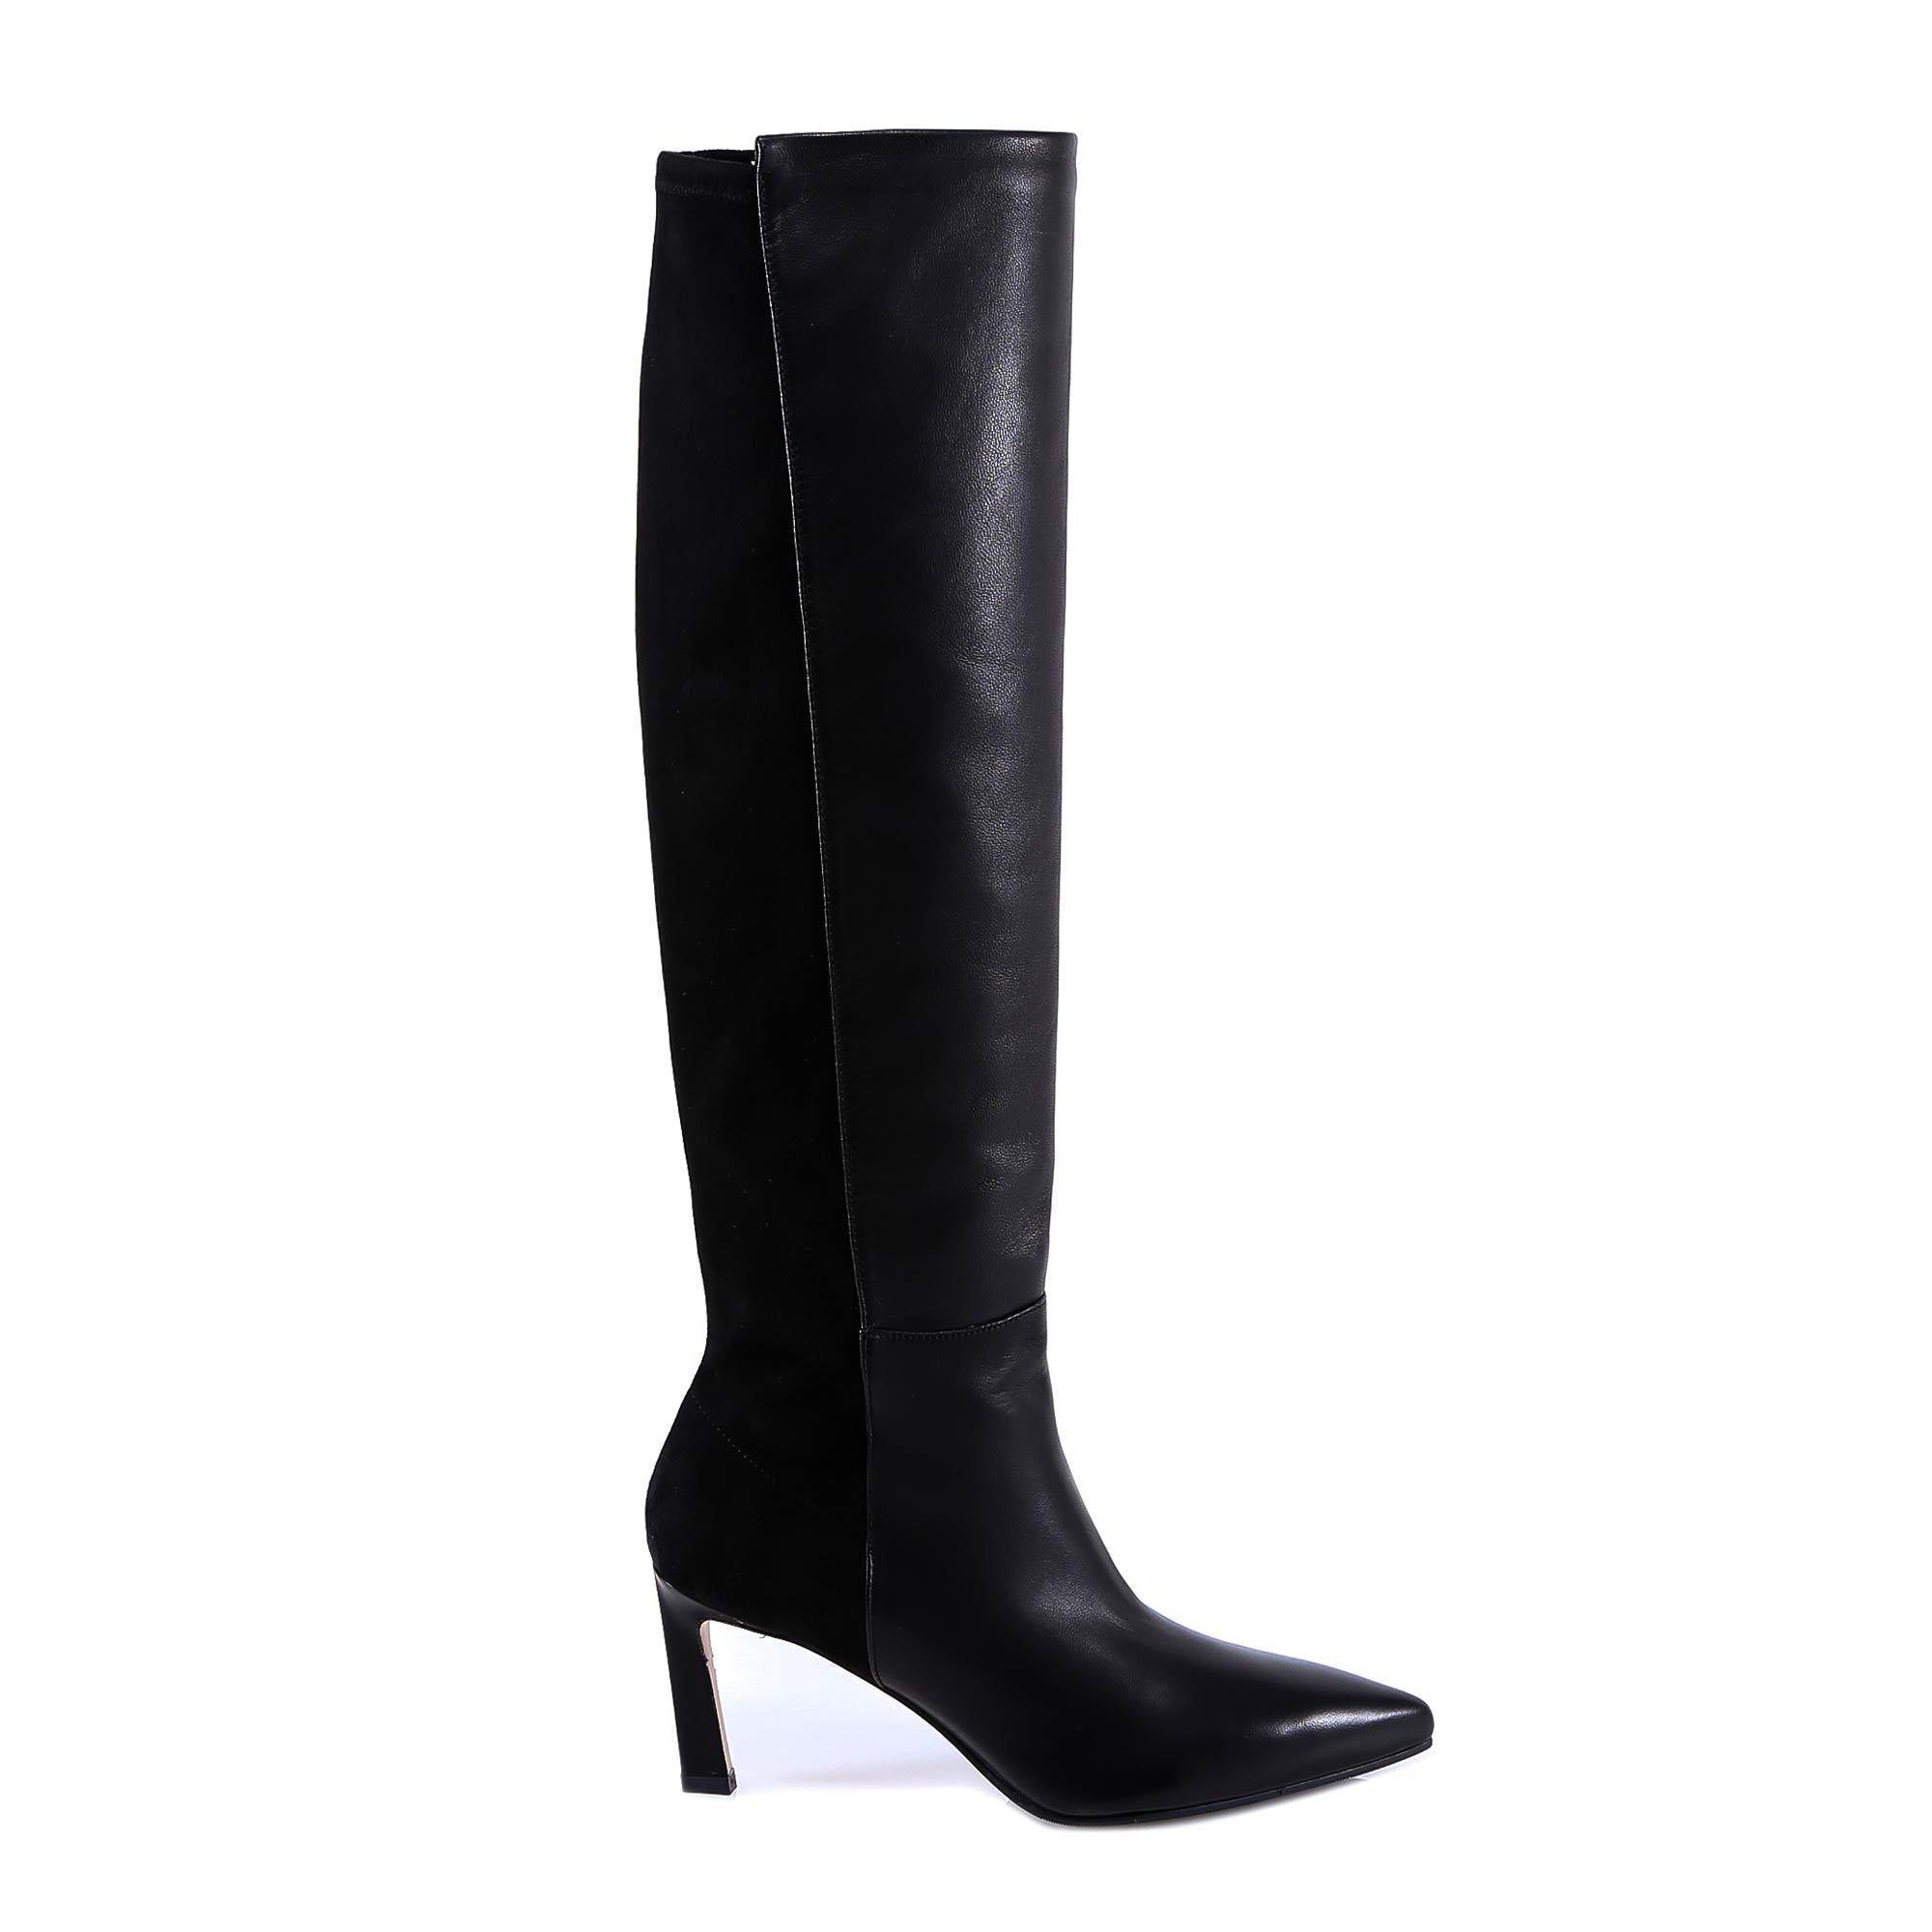 28270f7f7 Lyst - Stuart Weitzman Demi 75 Boots in Black for Men